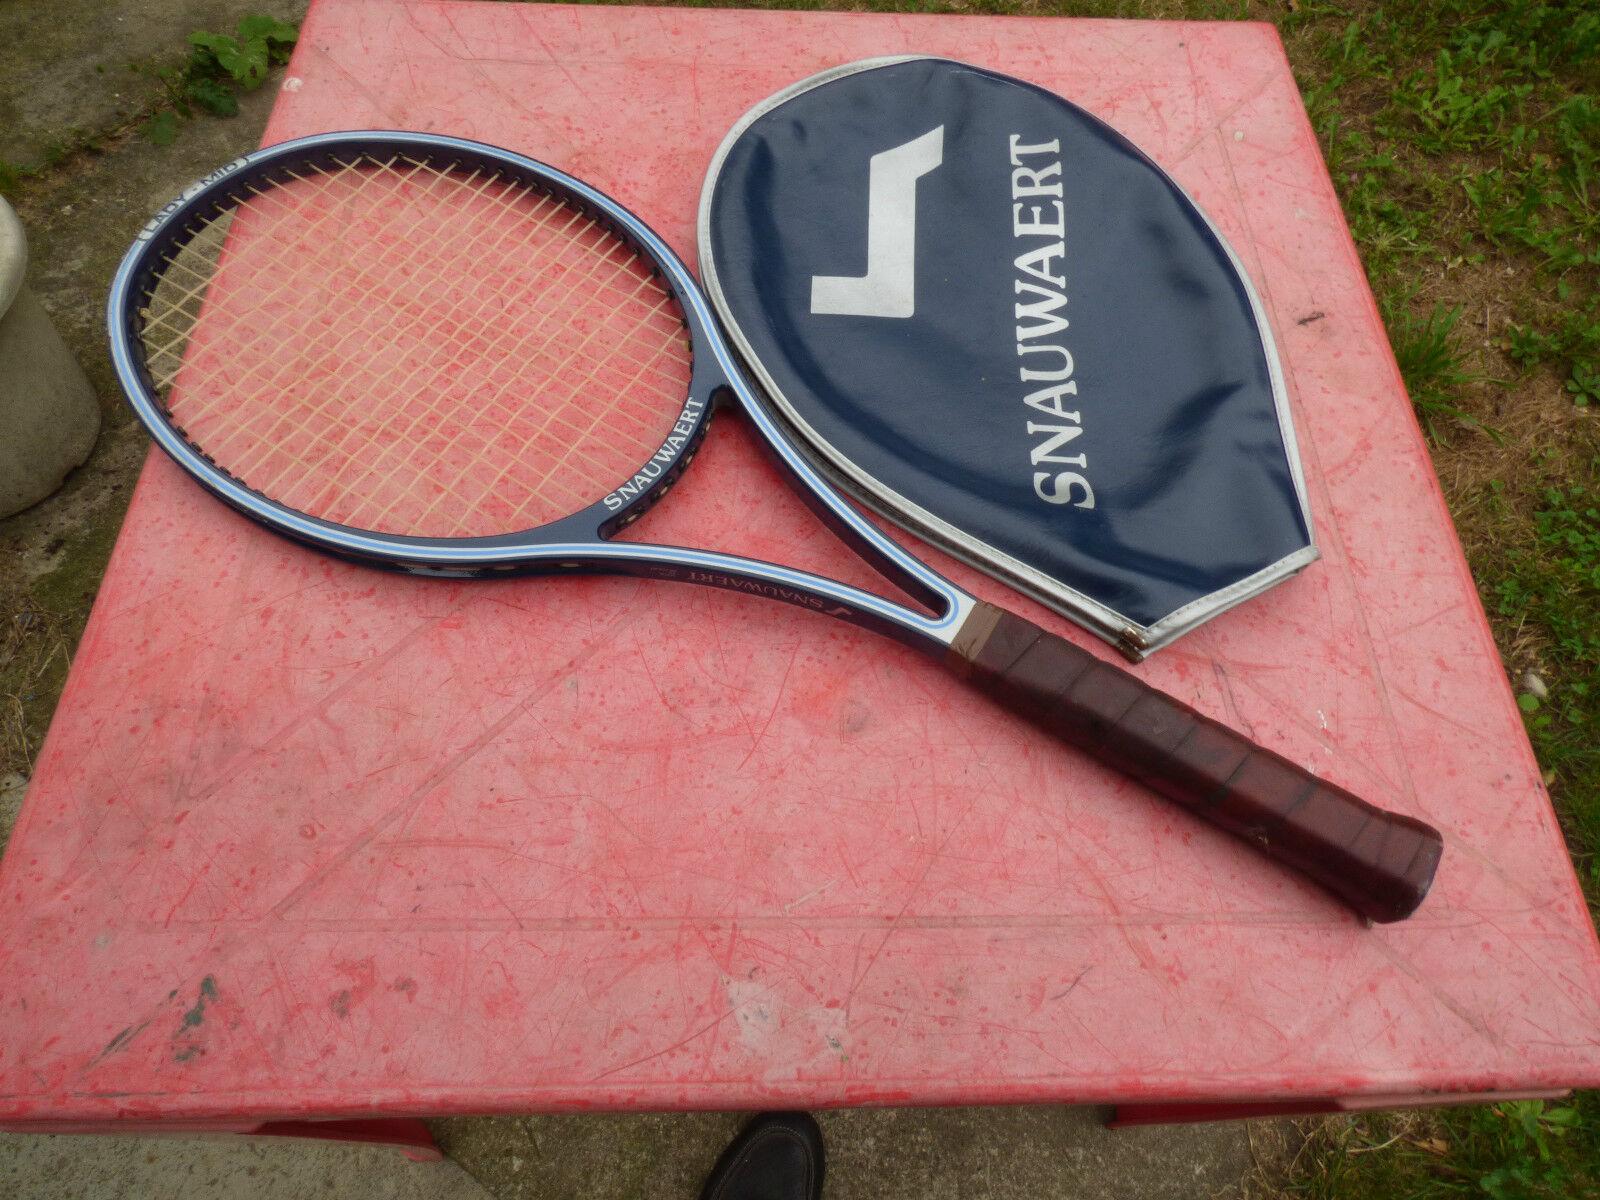 Tennisschläger Snauwaert Lady-Mitte Lady-Mitte Lady-Mitte mit Bezug  | Großartig  | Exzellente Verarbeitung  | Stabile Qualität  f2a772